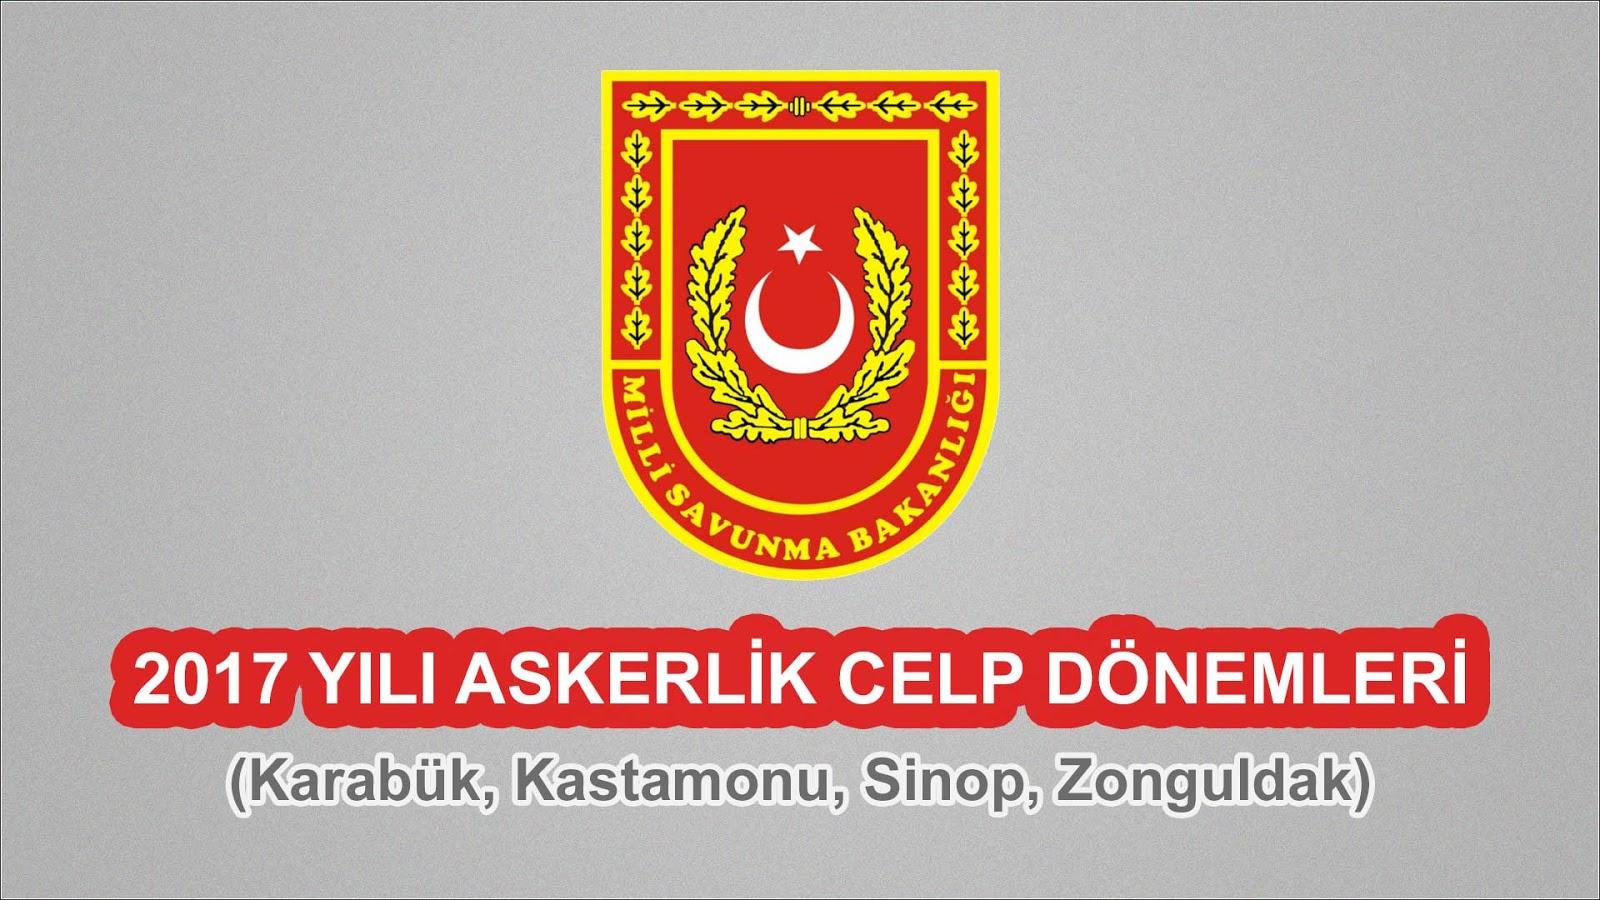 2017 Yılı Karabük, Kastamonu, Sinop, Zonguldak Askerlik Celp Dönemleri